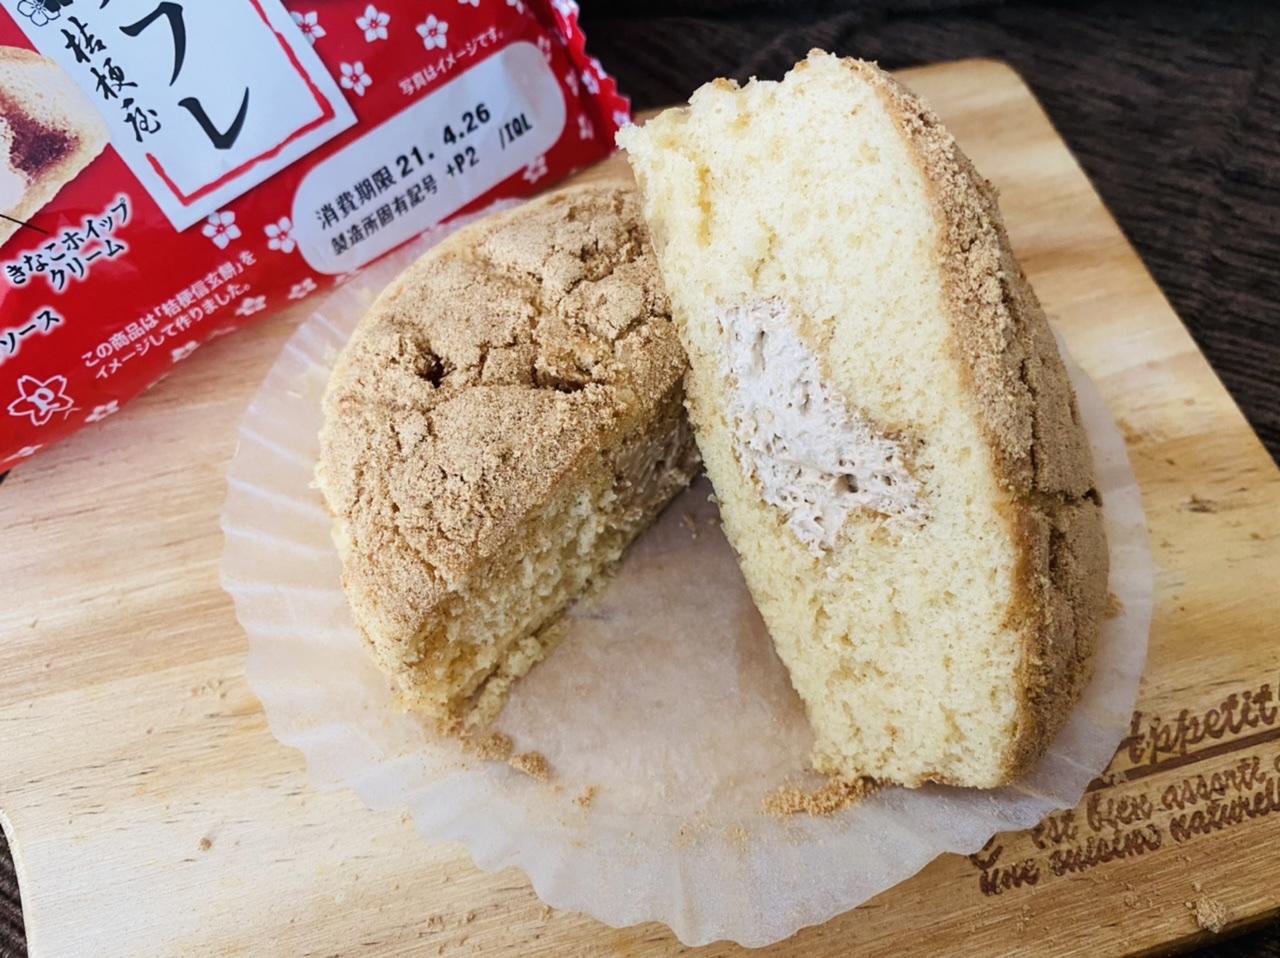 【ファミマ】和菓子好き必見!絶対美味しい♡きな粉×黒蜜《桔梗信玄餅風 ふわスフレ》_3